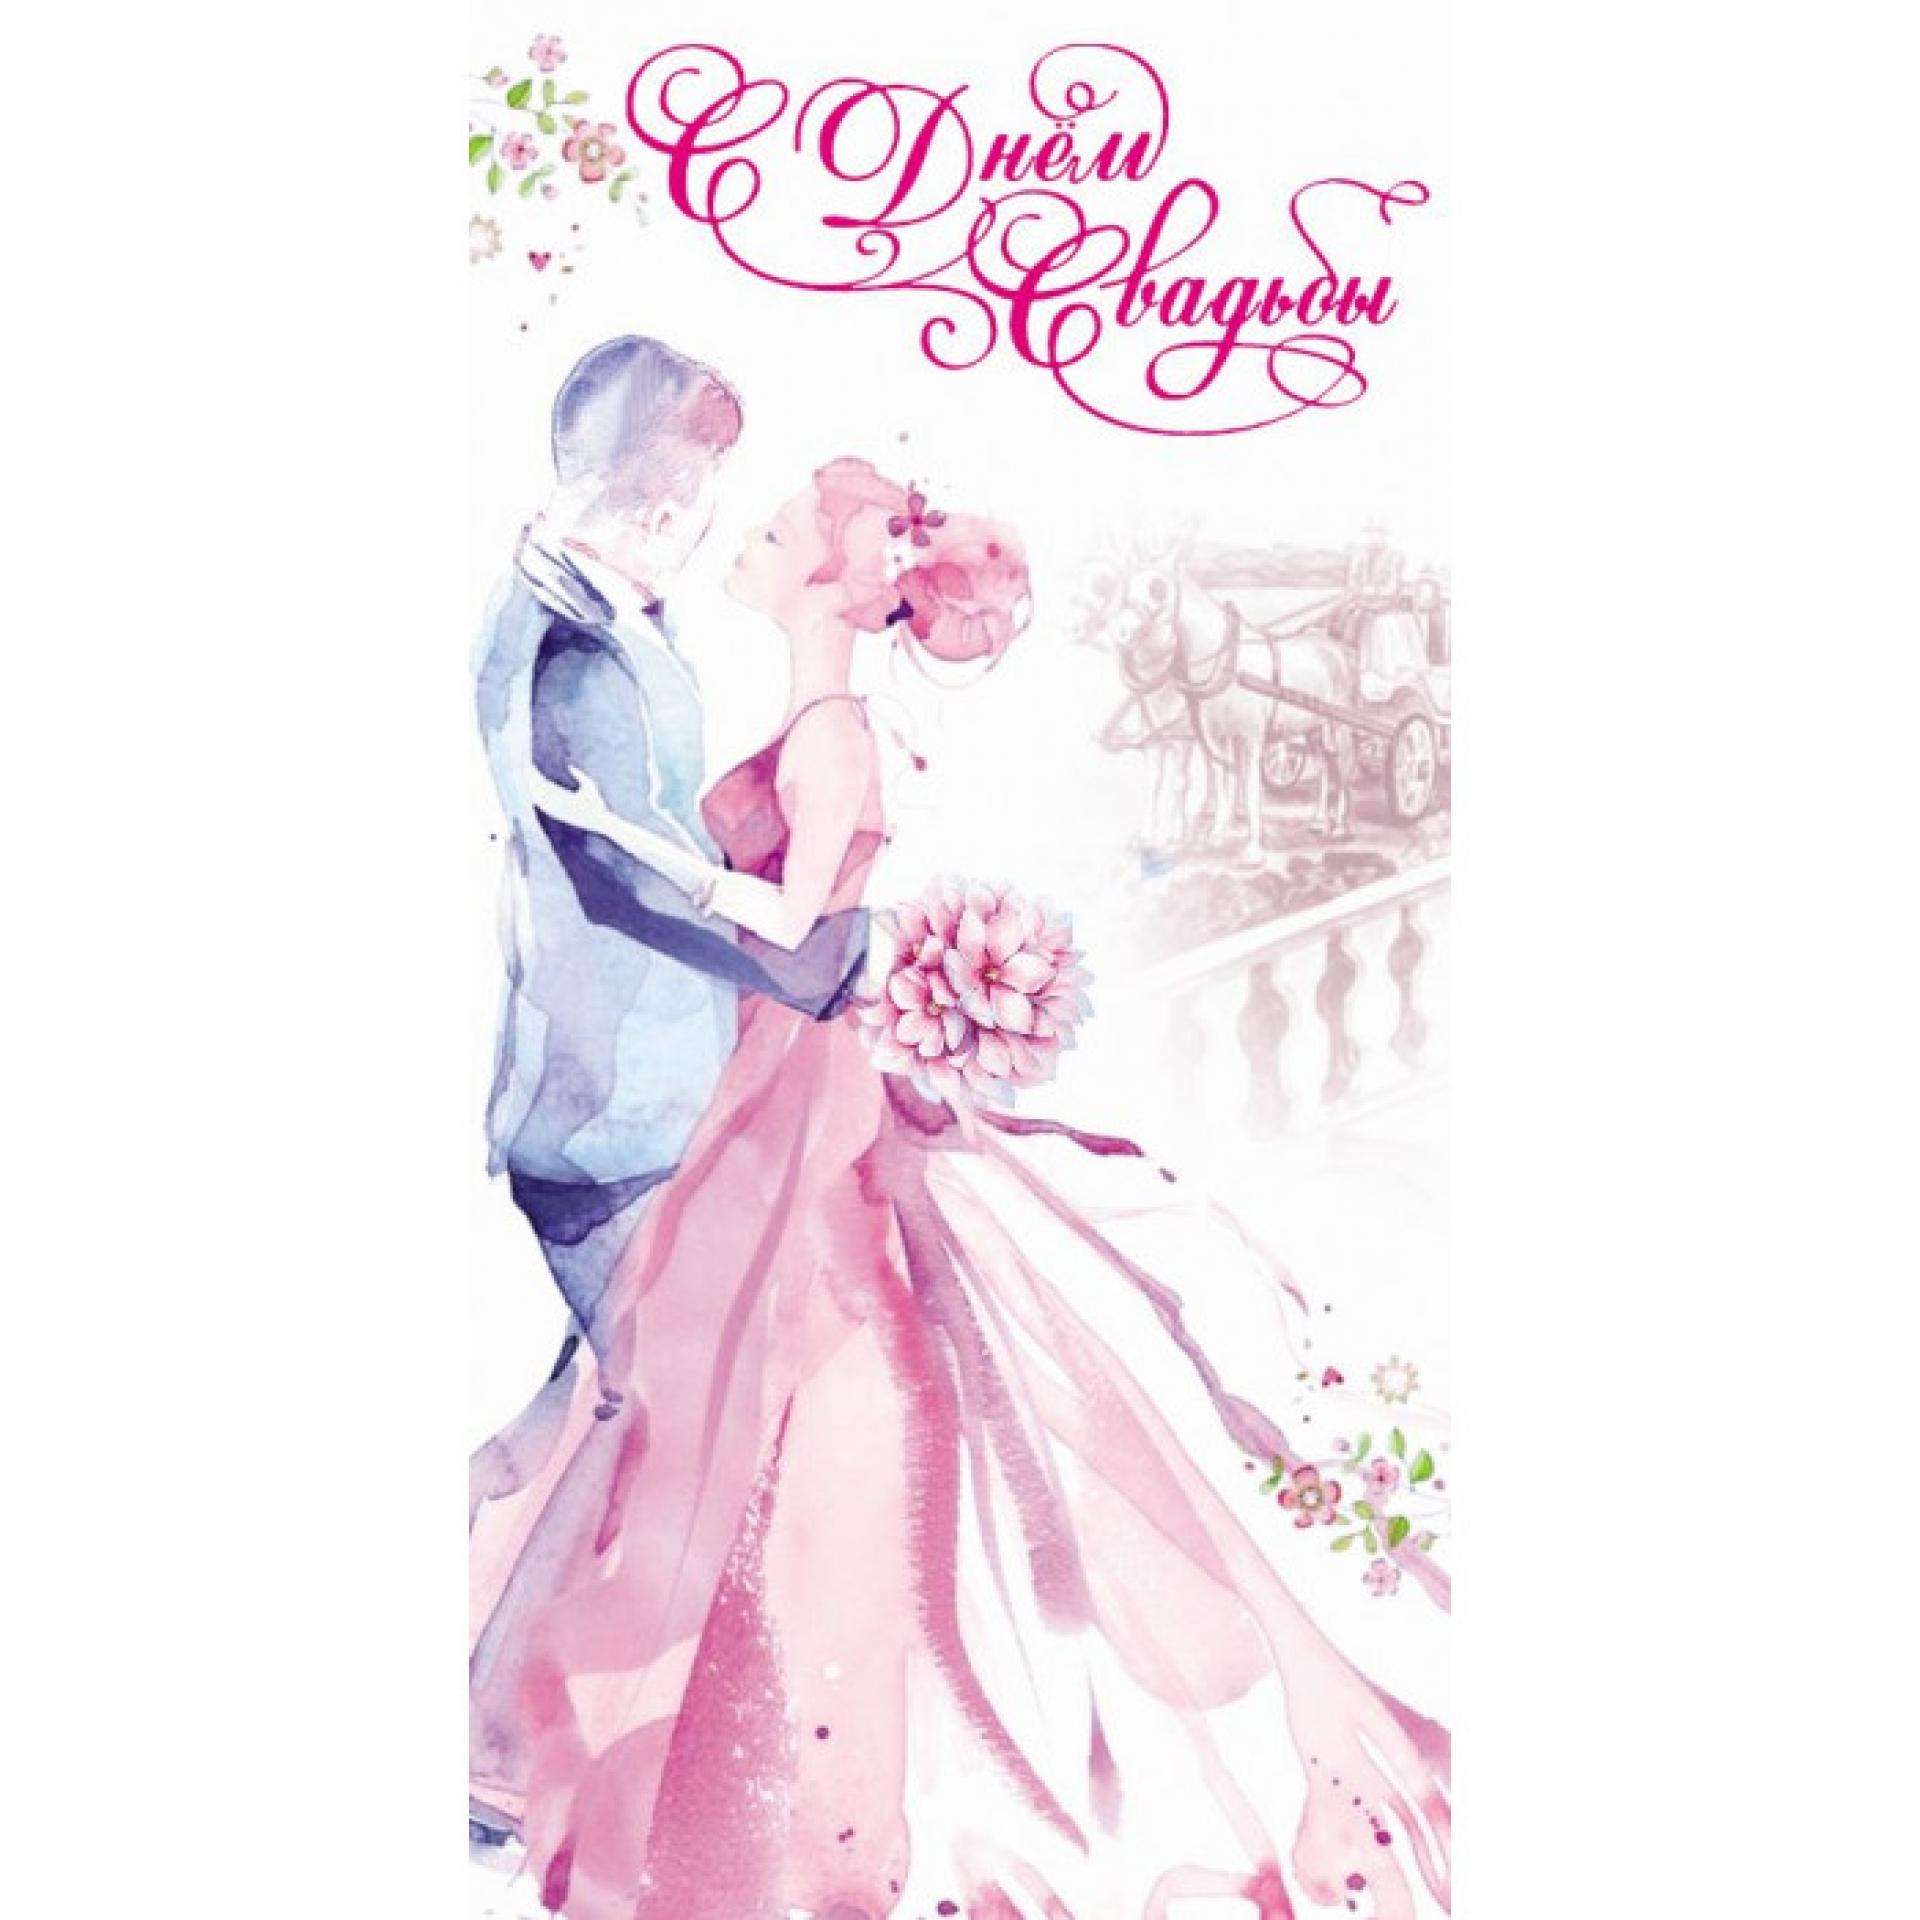 Стильные открытка с днем свадьбы, молодоженам шаблон все